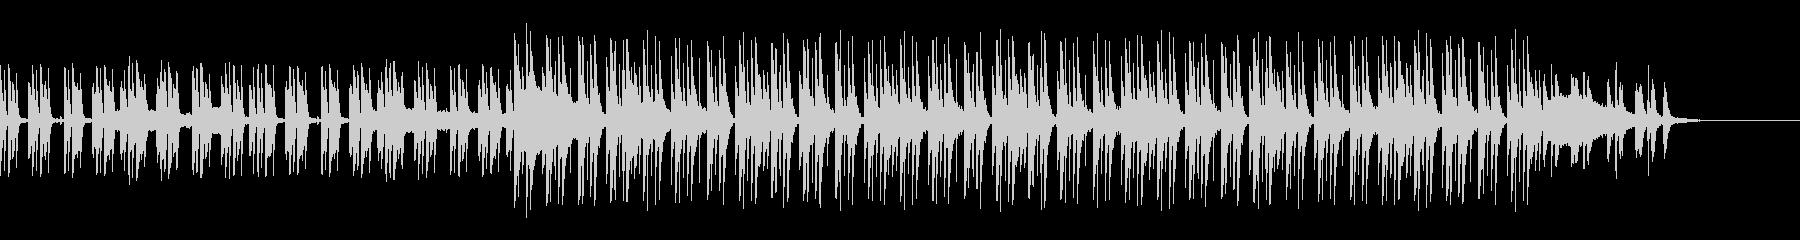 コーポレートテクスチャ―9の未再生の波形